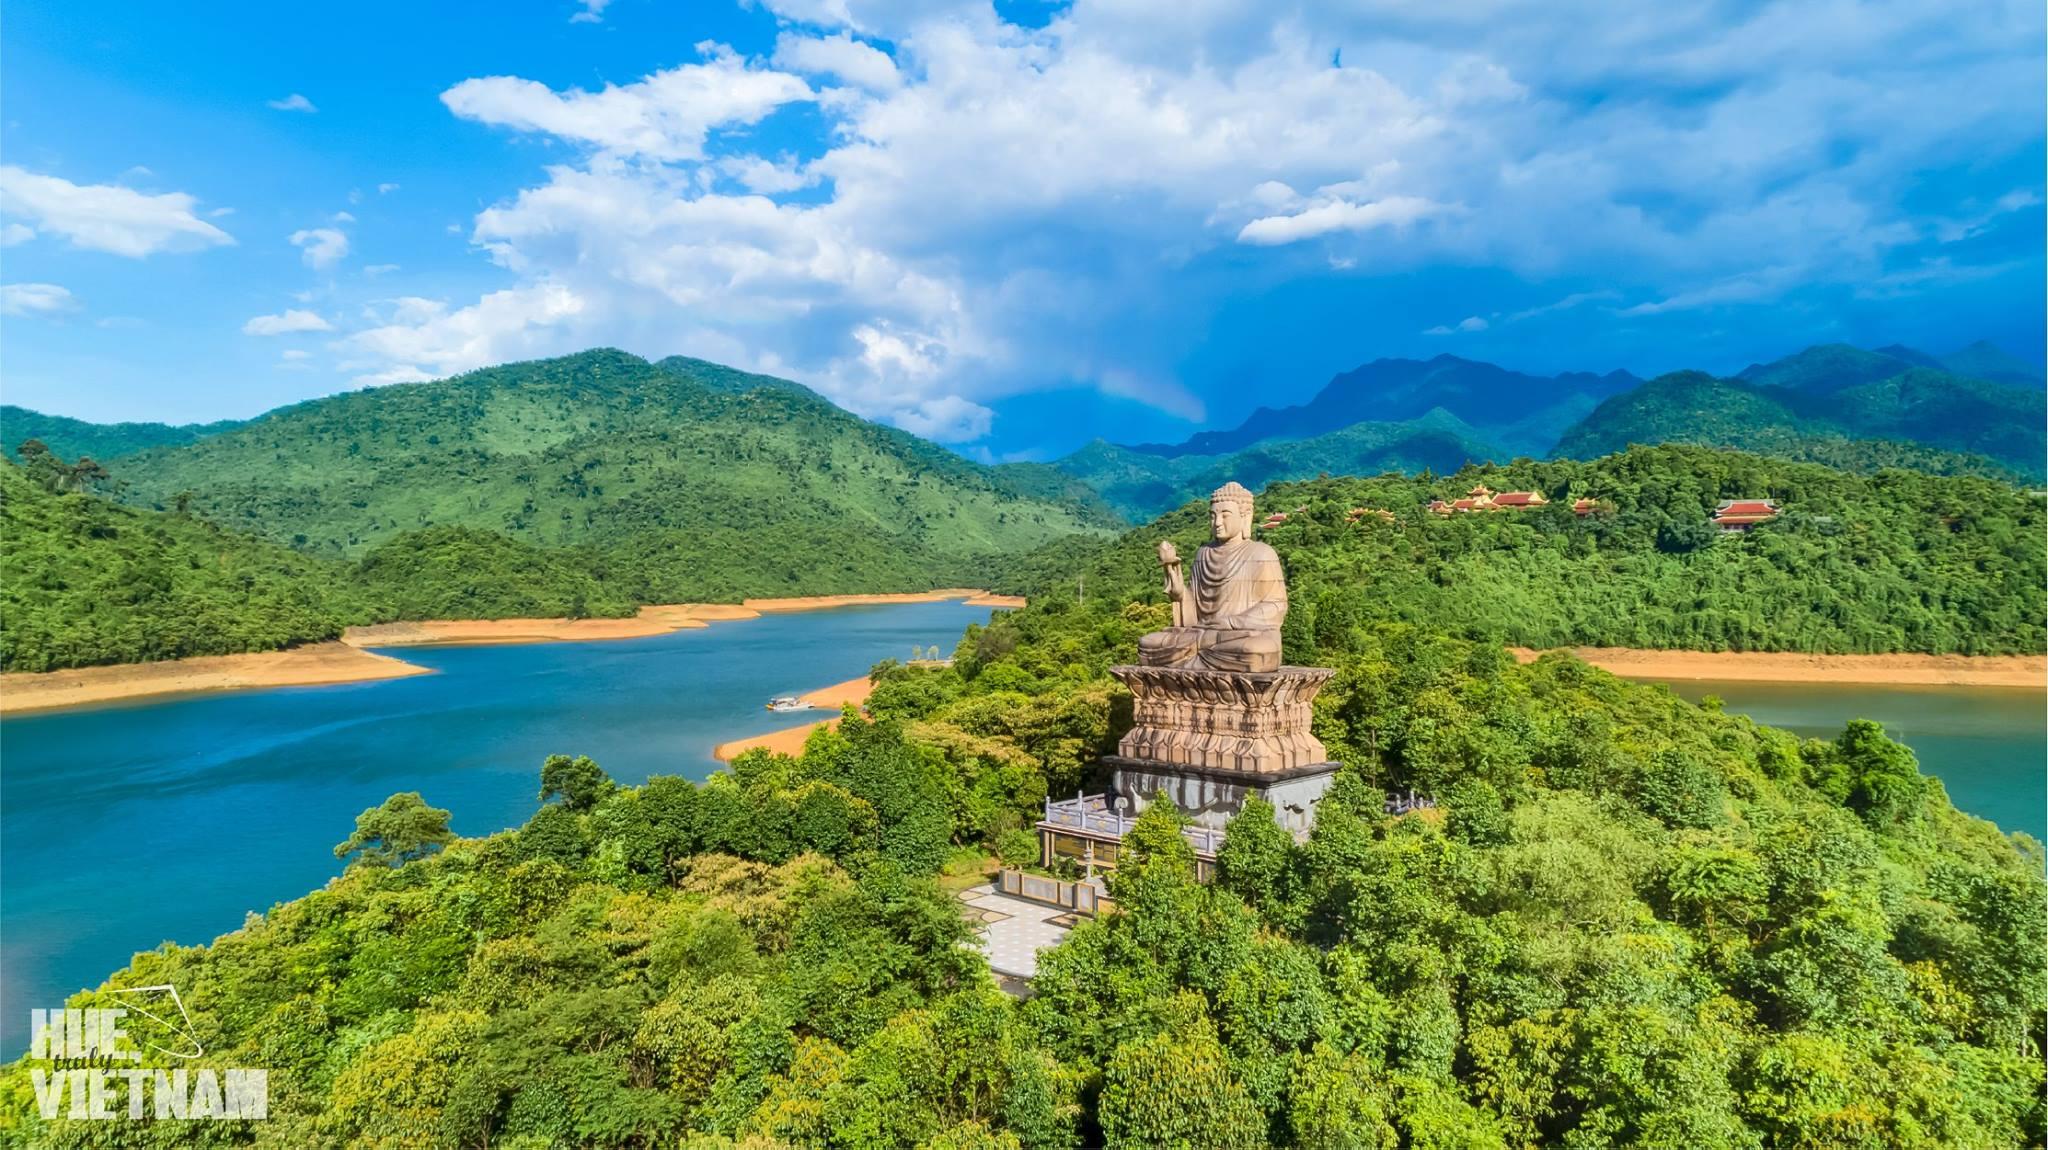 Thiền Viện Trúc Lâm Huế. Hình: Hue, truly Vietnam